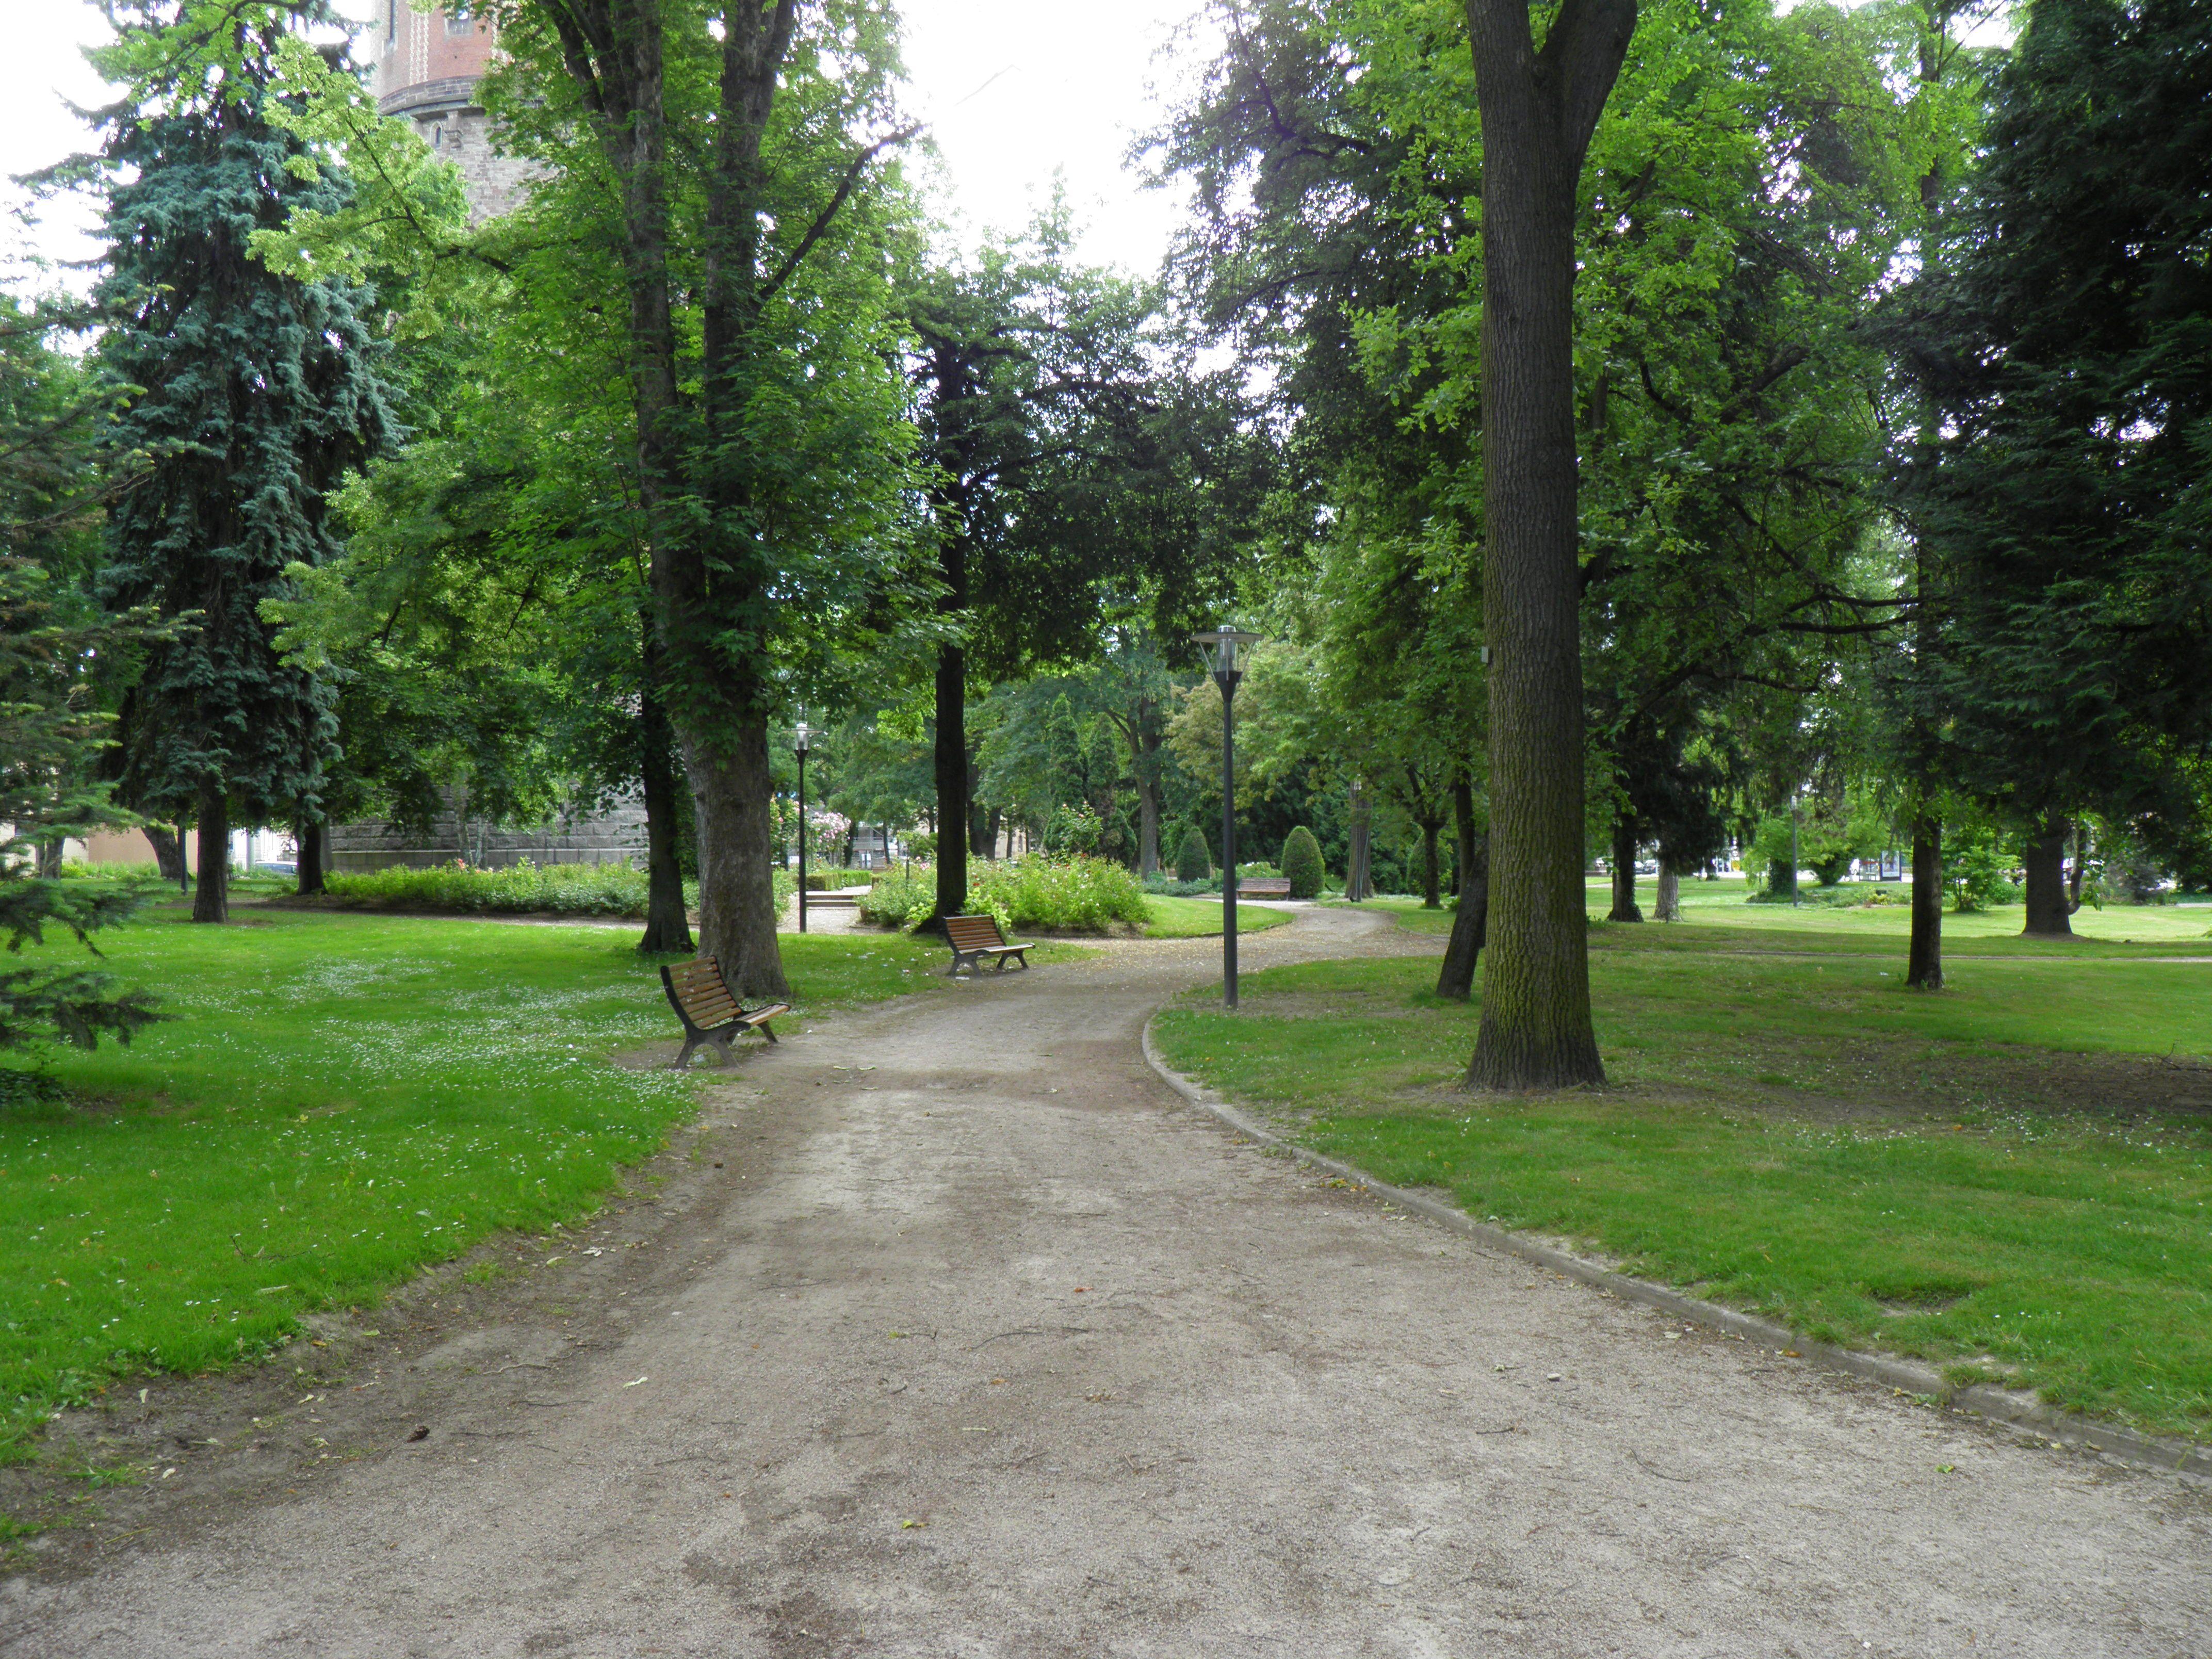 File:Parc du château d\'eau (Colmar) (4).JPG - Wikimedia Commons